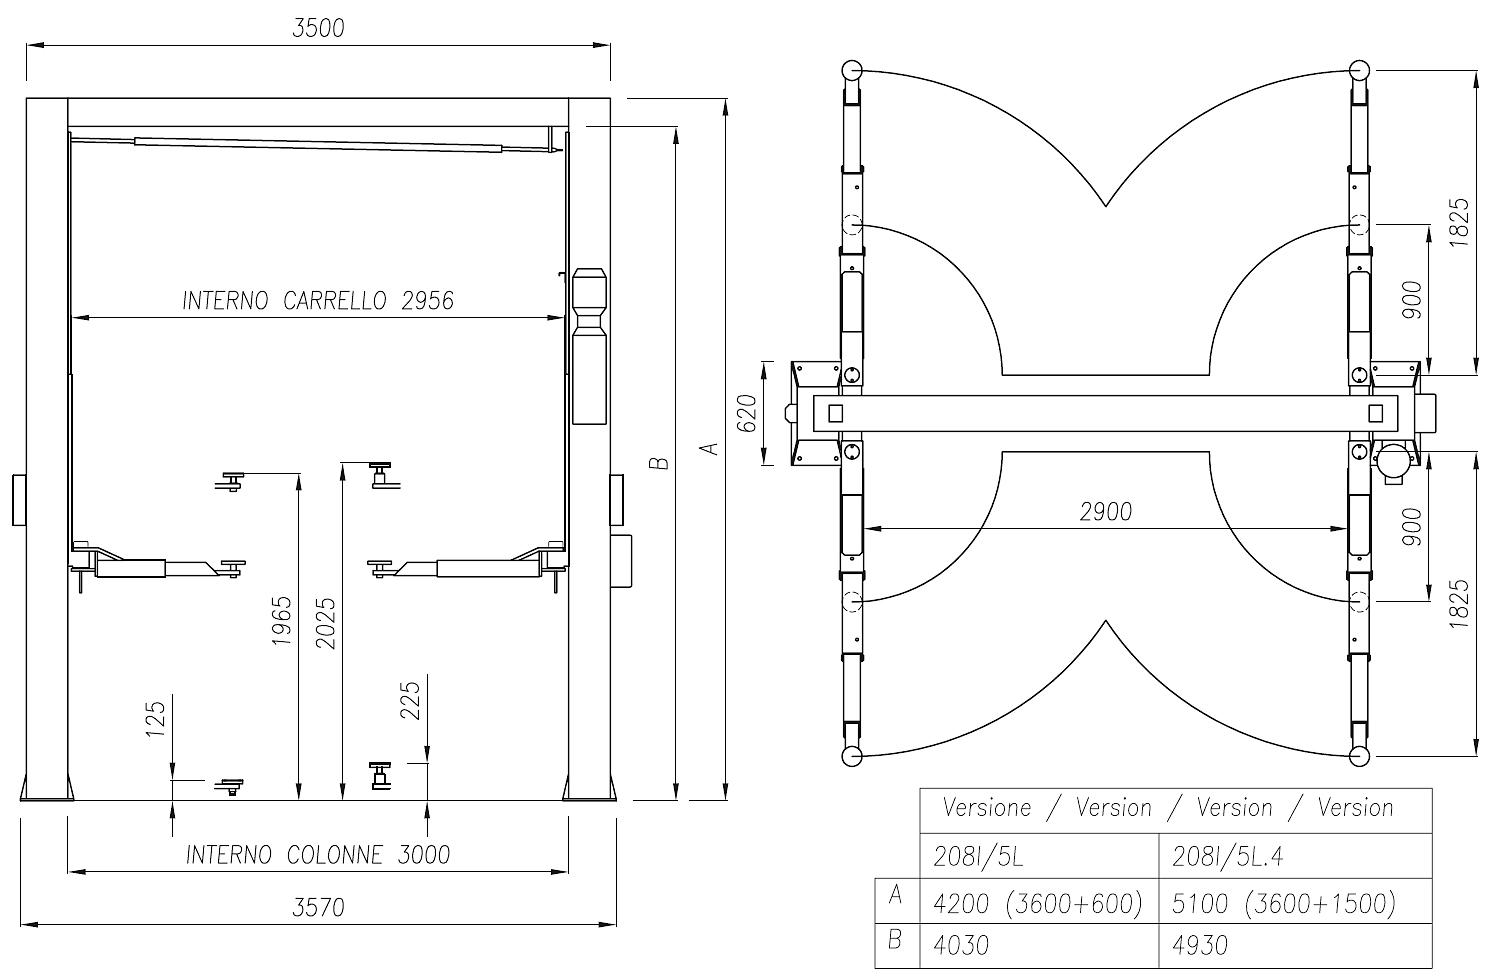 двухстоечный гидравлический подъемник - 4 ремонт схема